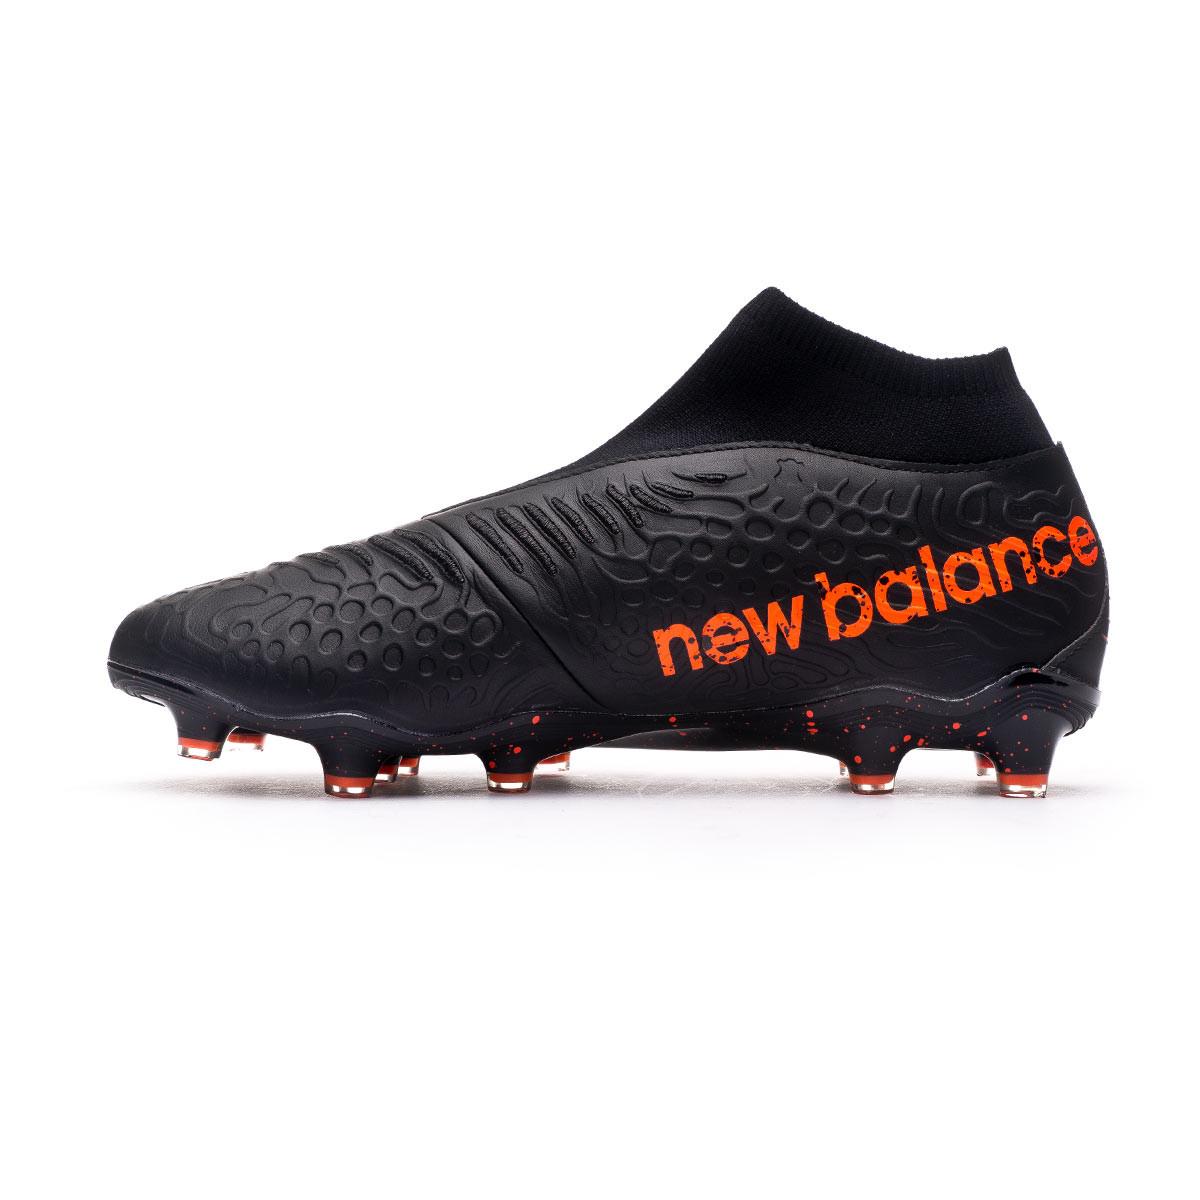 Balance Tekela v3 Pro Leather FG Black